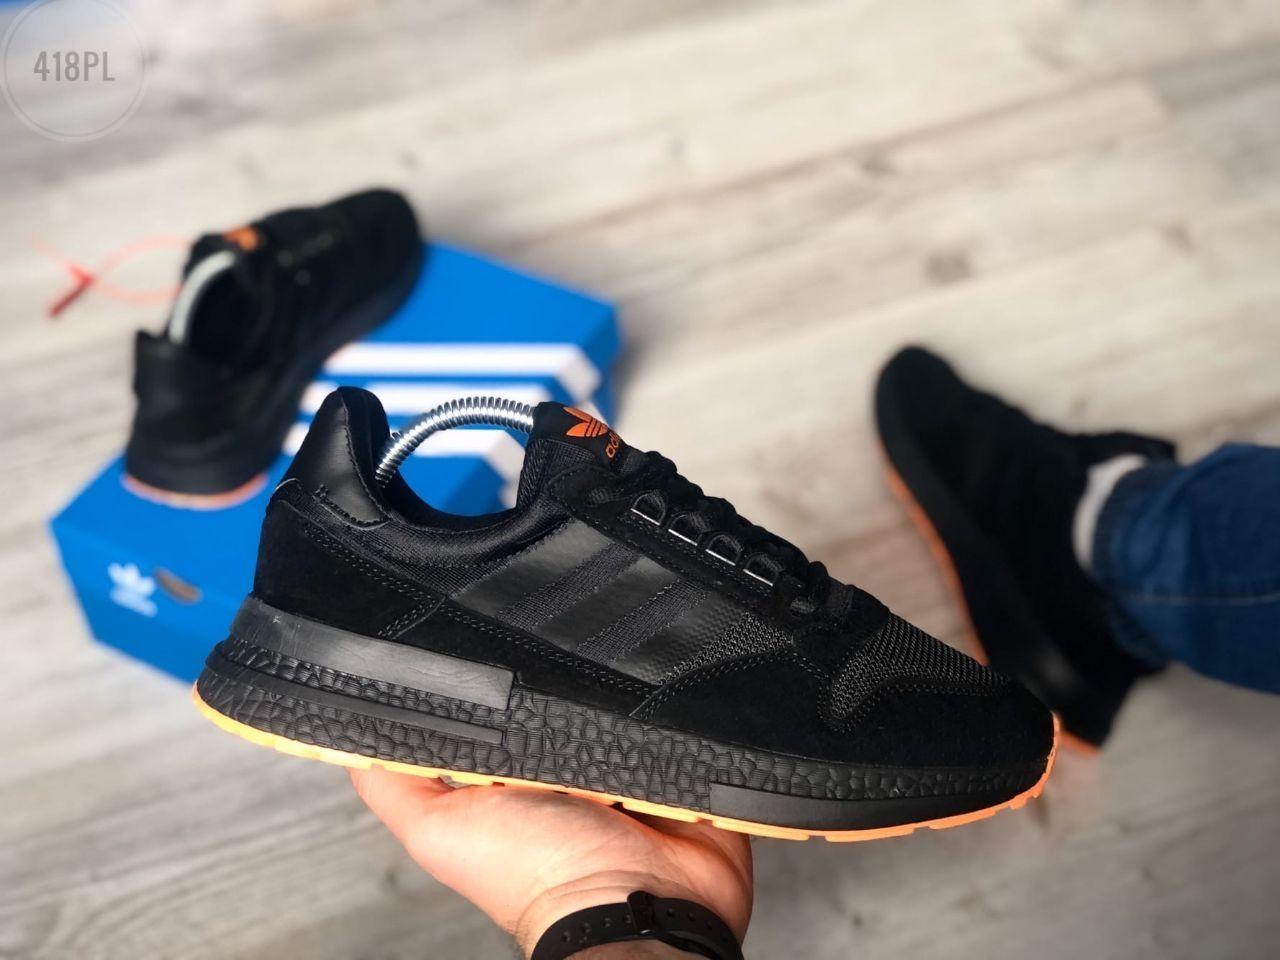 Чоловічі кросівки Adidas Black/Orange 418PL